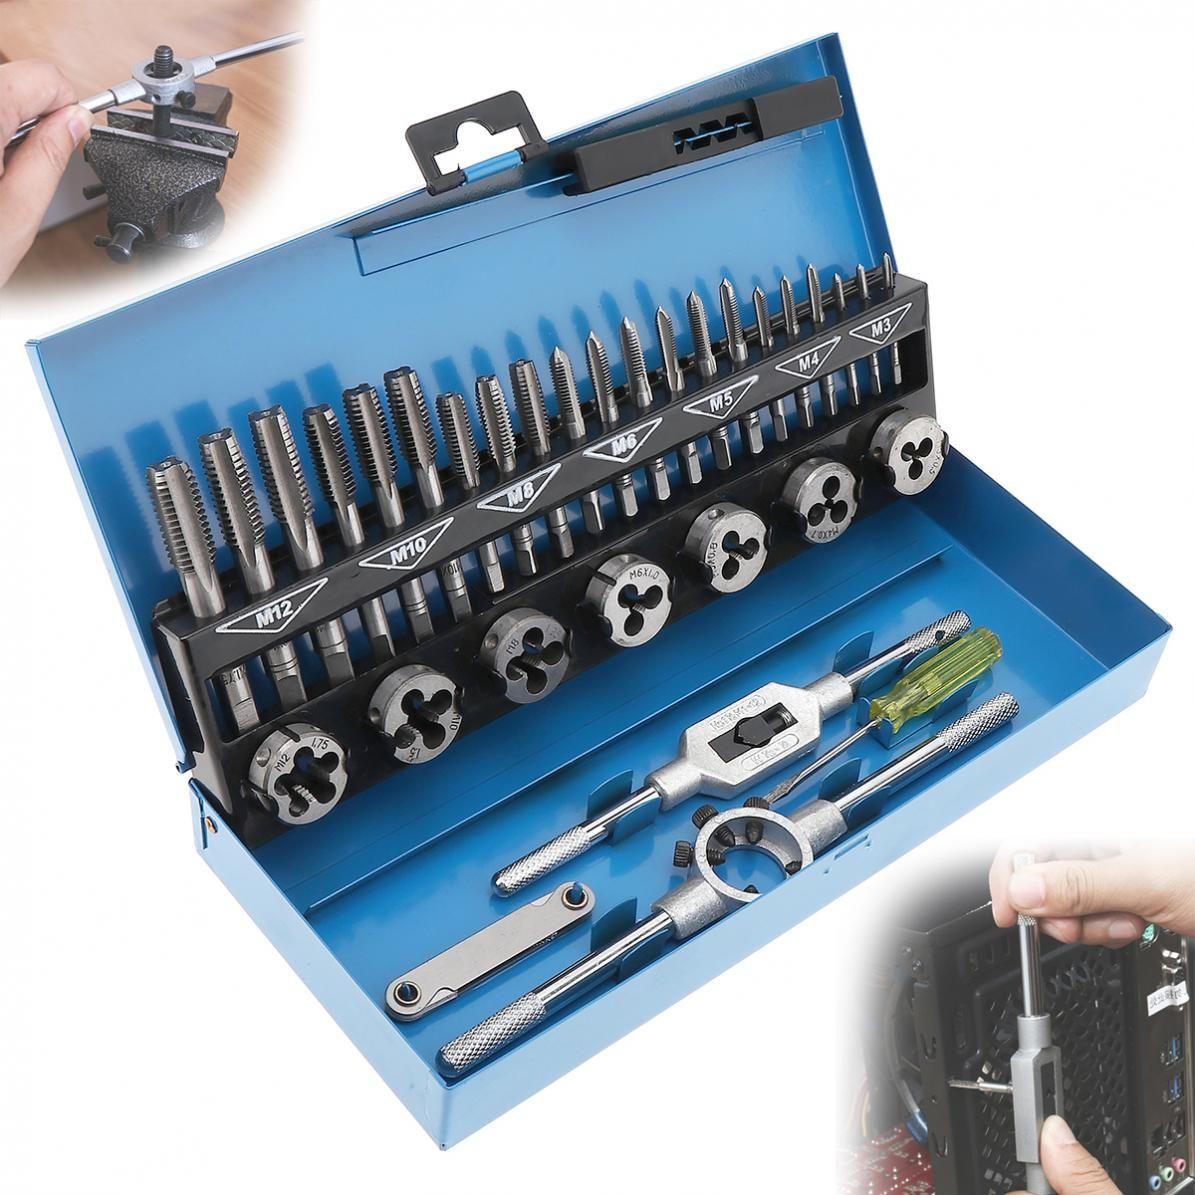 32pcs/Set HSS Metric Tap & Die Set M3-M12 1st 2nd & Plug Finishing for Metalworking